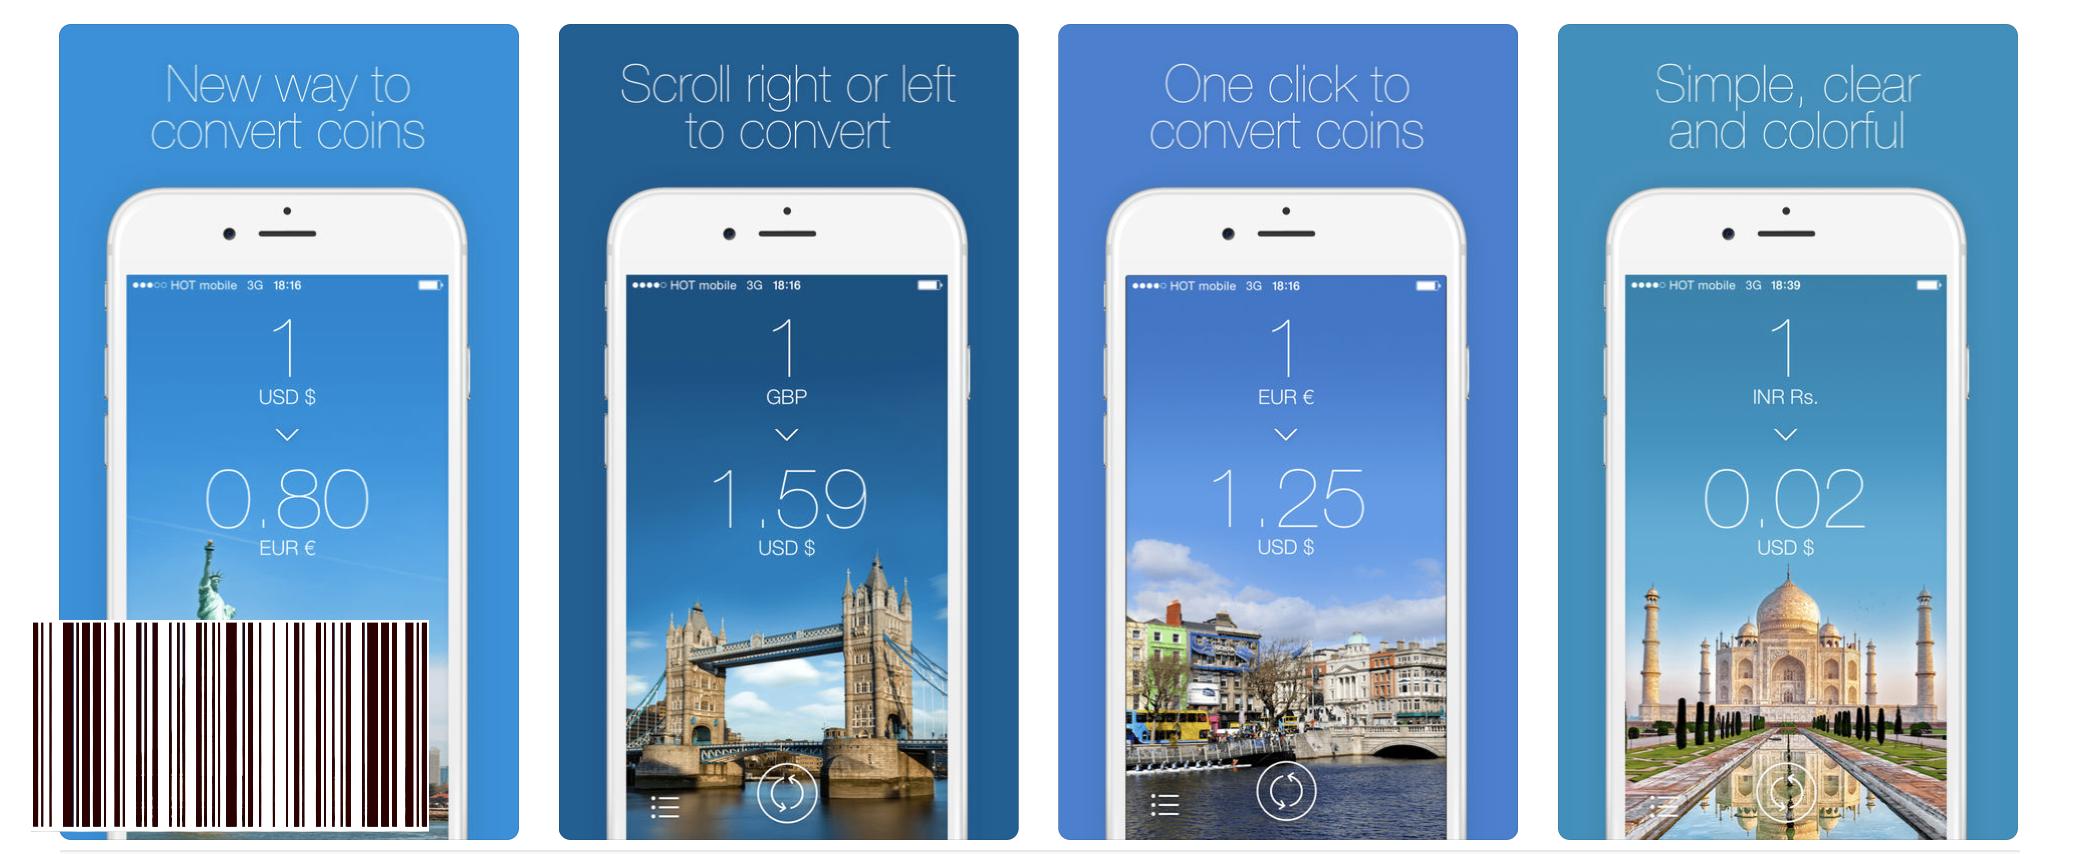 صفقات اليوم على App Store: التغيير والمطالبات وأي معلومات عن الملفات والمزيد!